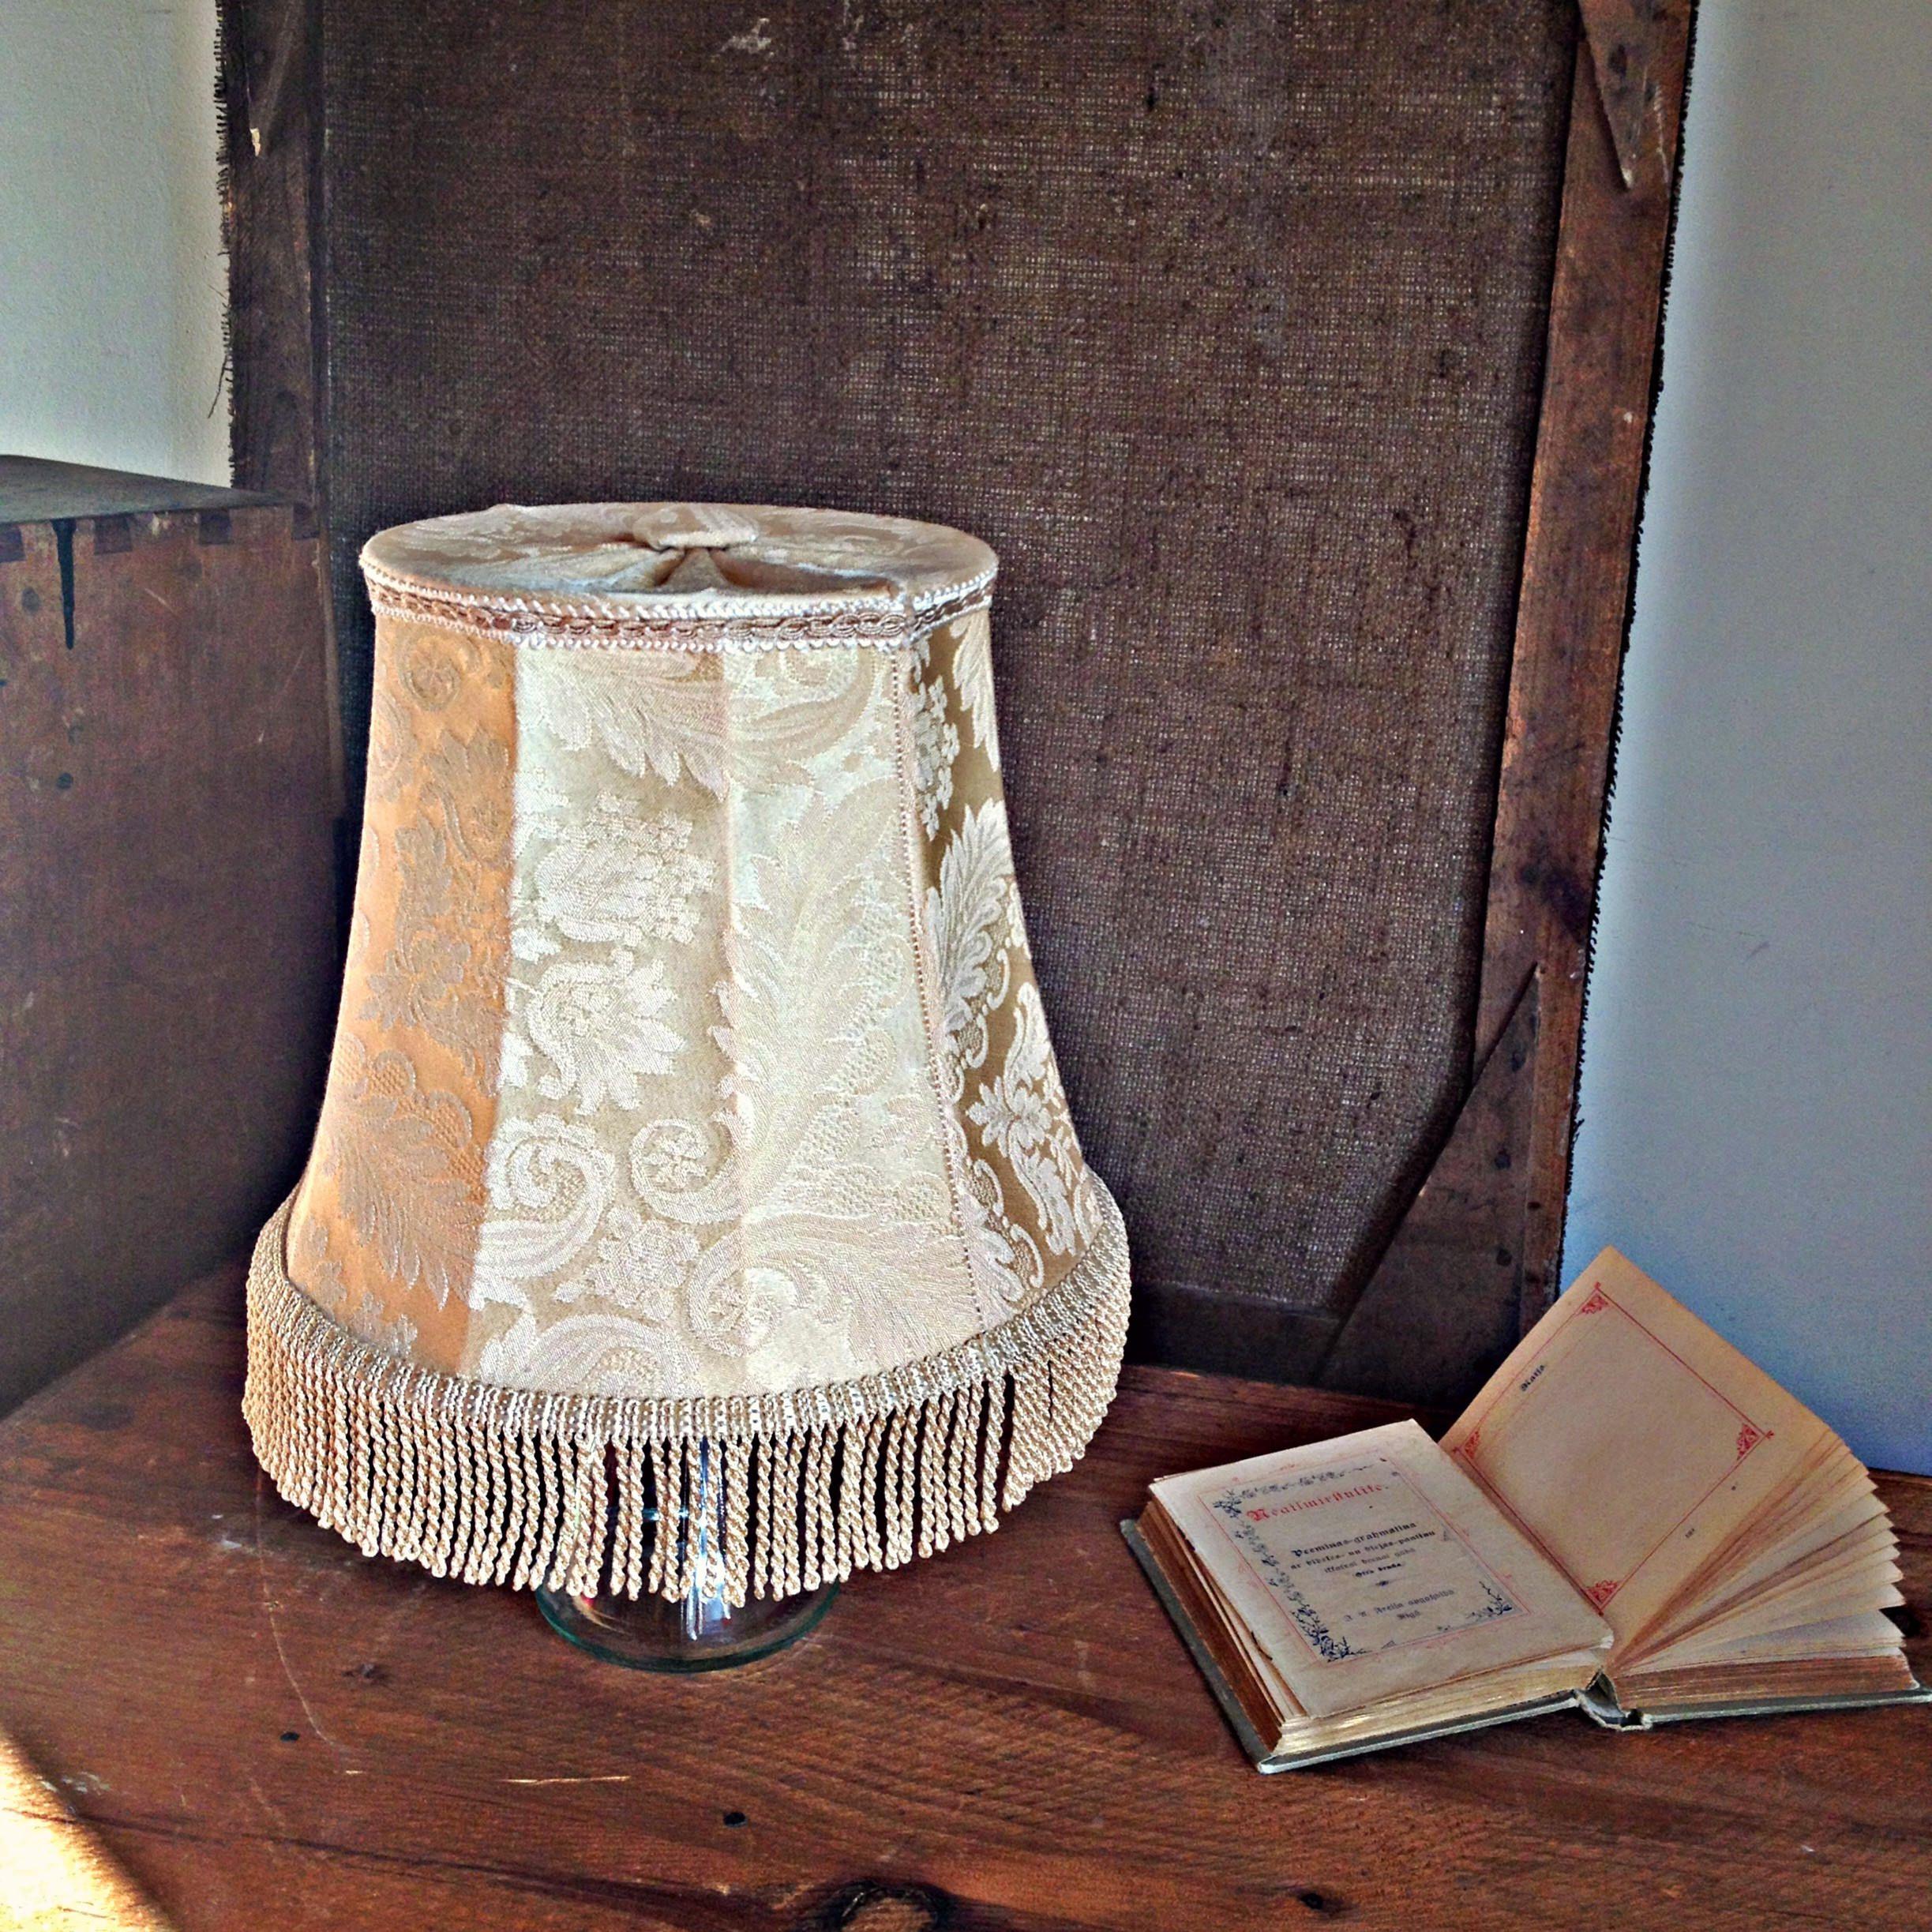 Lamp shade cream ivory vintage fringe lamp shade frame small table lamp shade cream ivory vintage fringe lamp shade frame small table lamp light shade wire frame keyboard keysfo Images